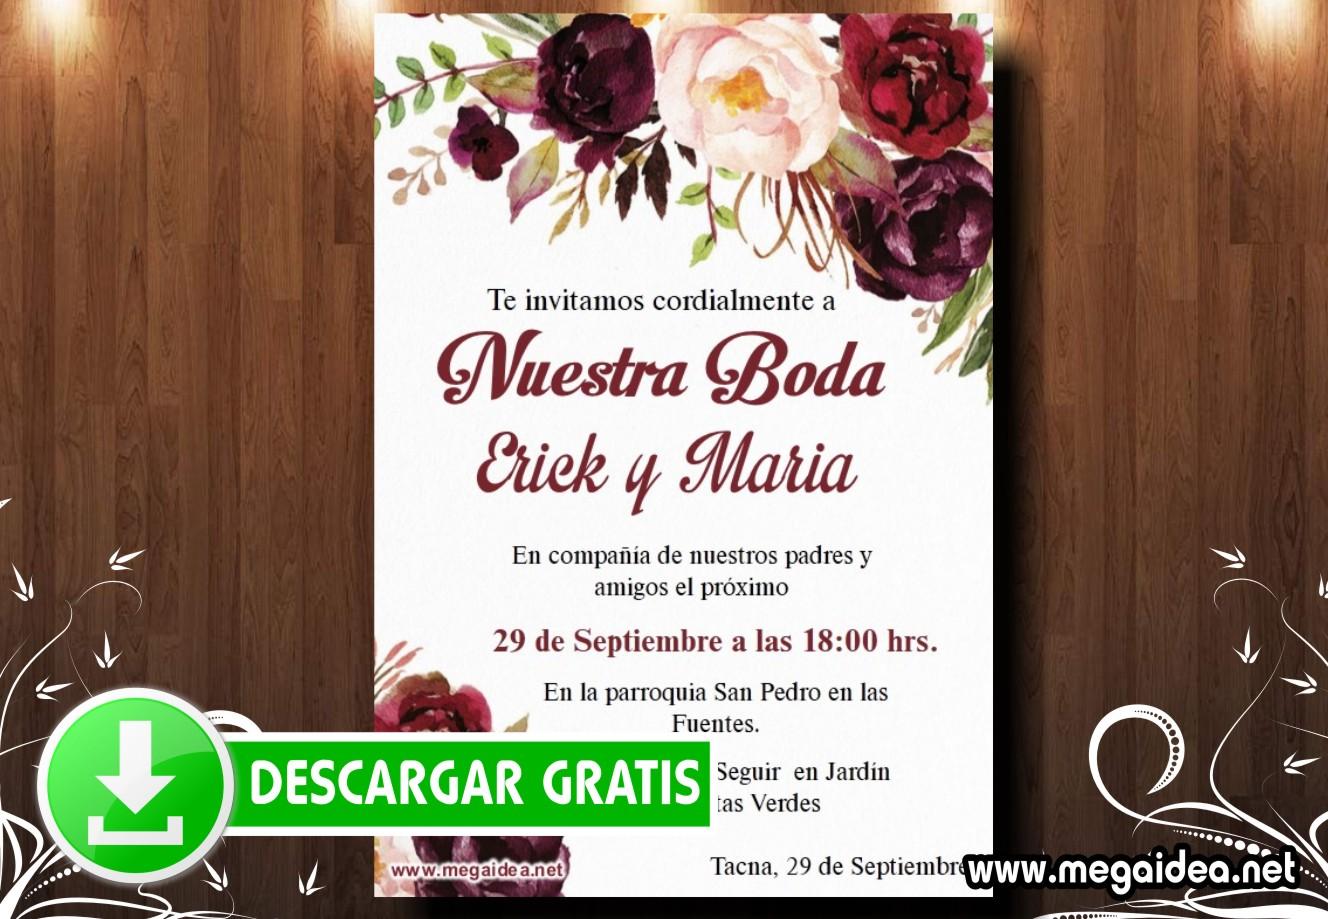 Boda02 Invitacion